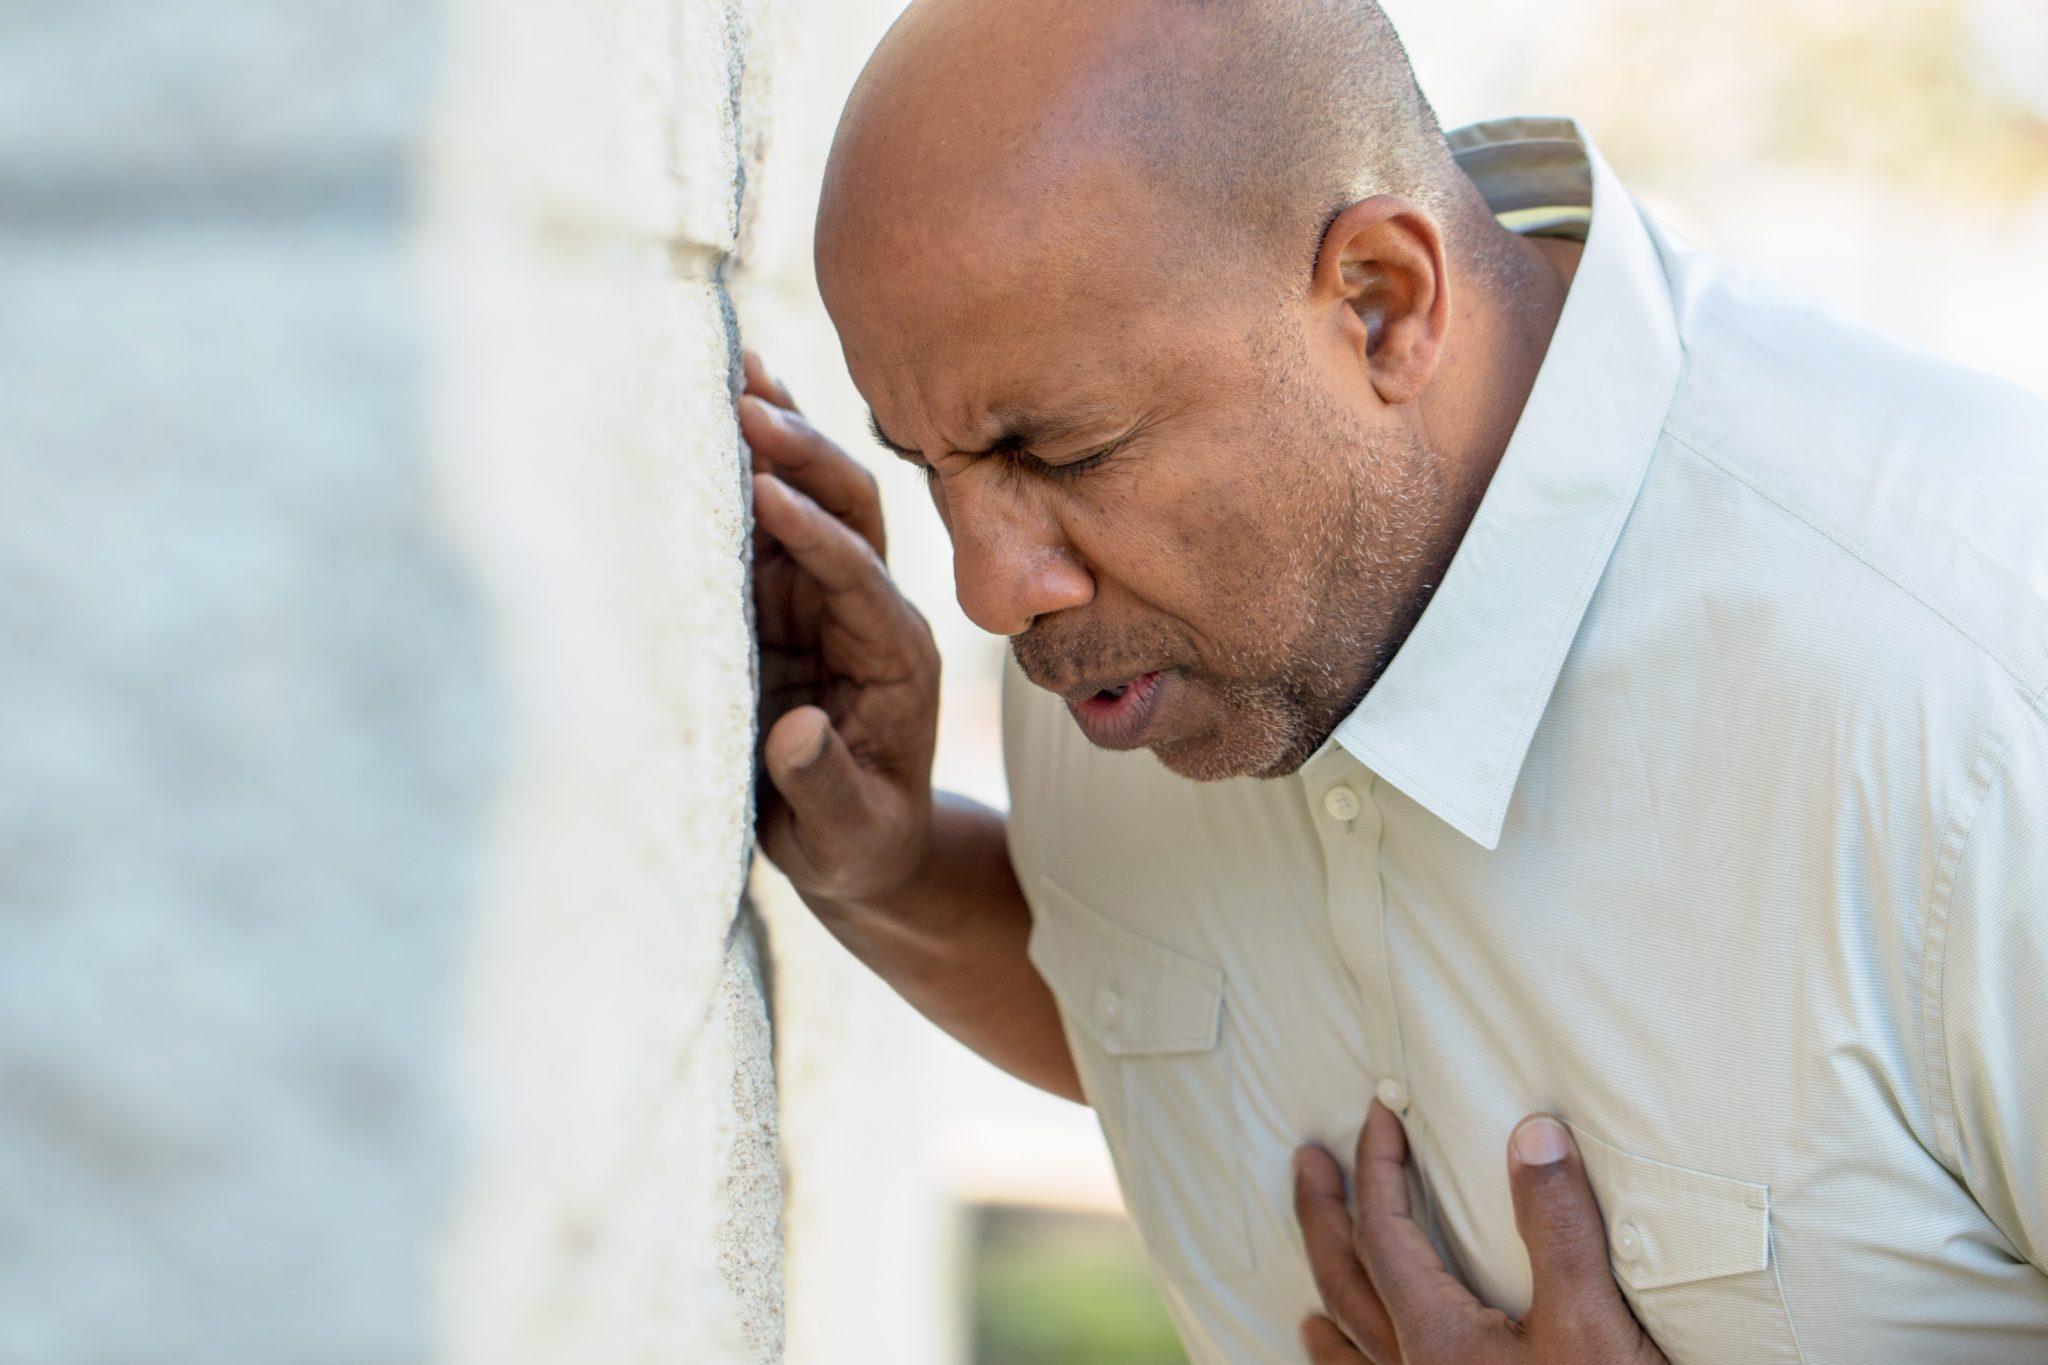 В Роспотребнадзоре назвали симптом, после которого нужно срочно обратиться к врачу